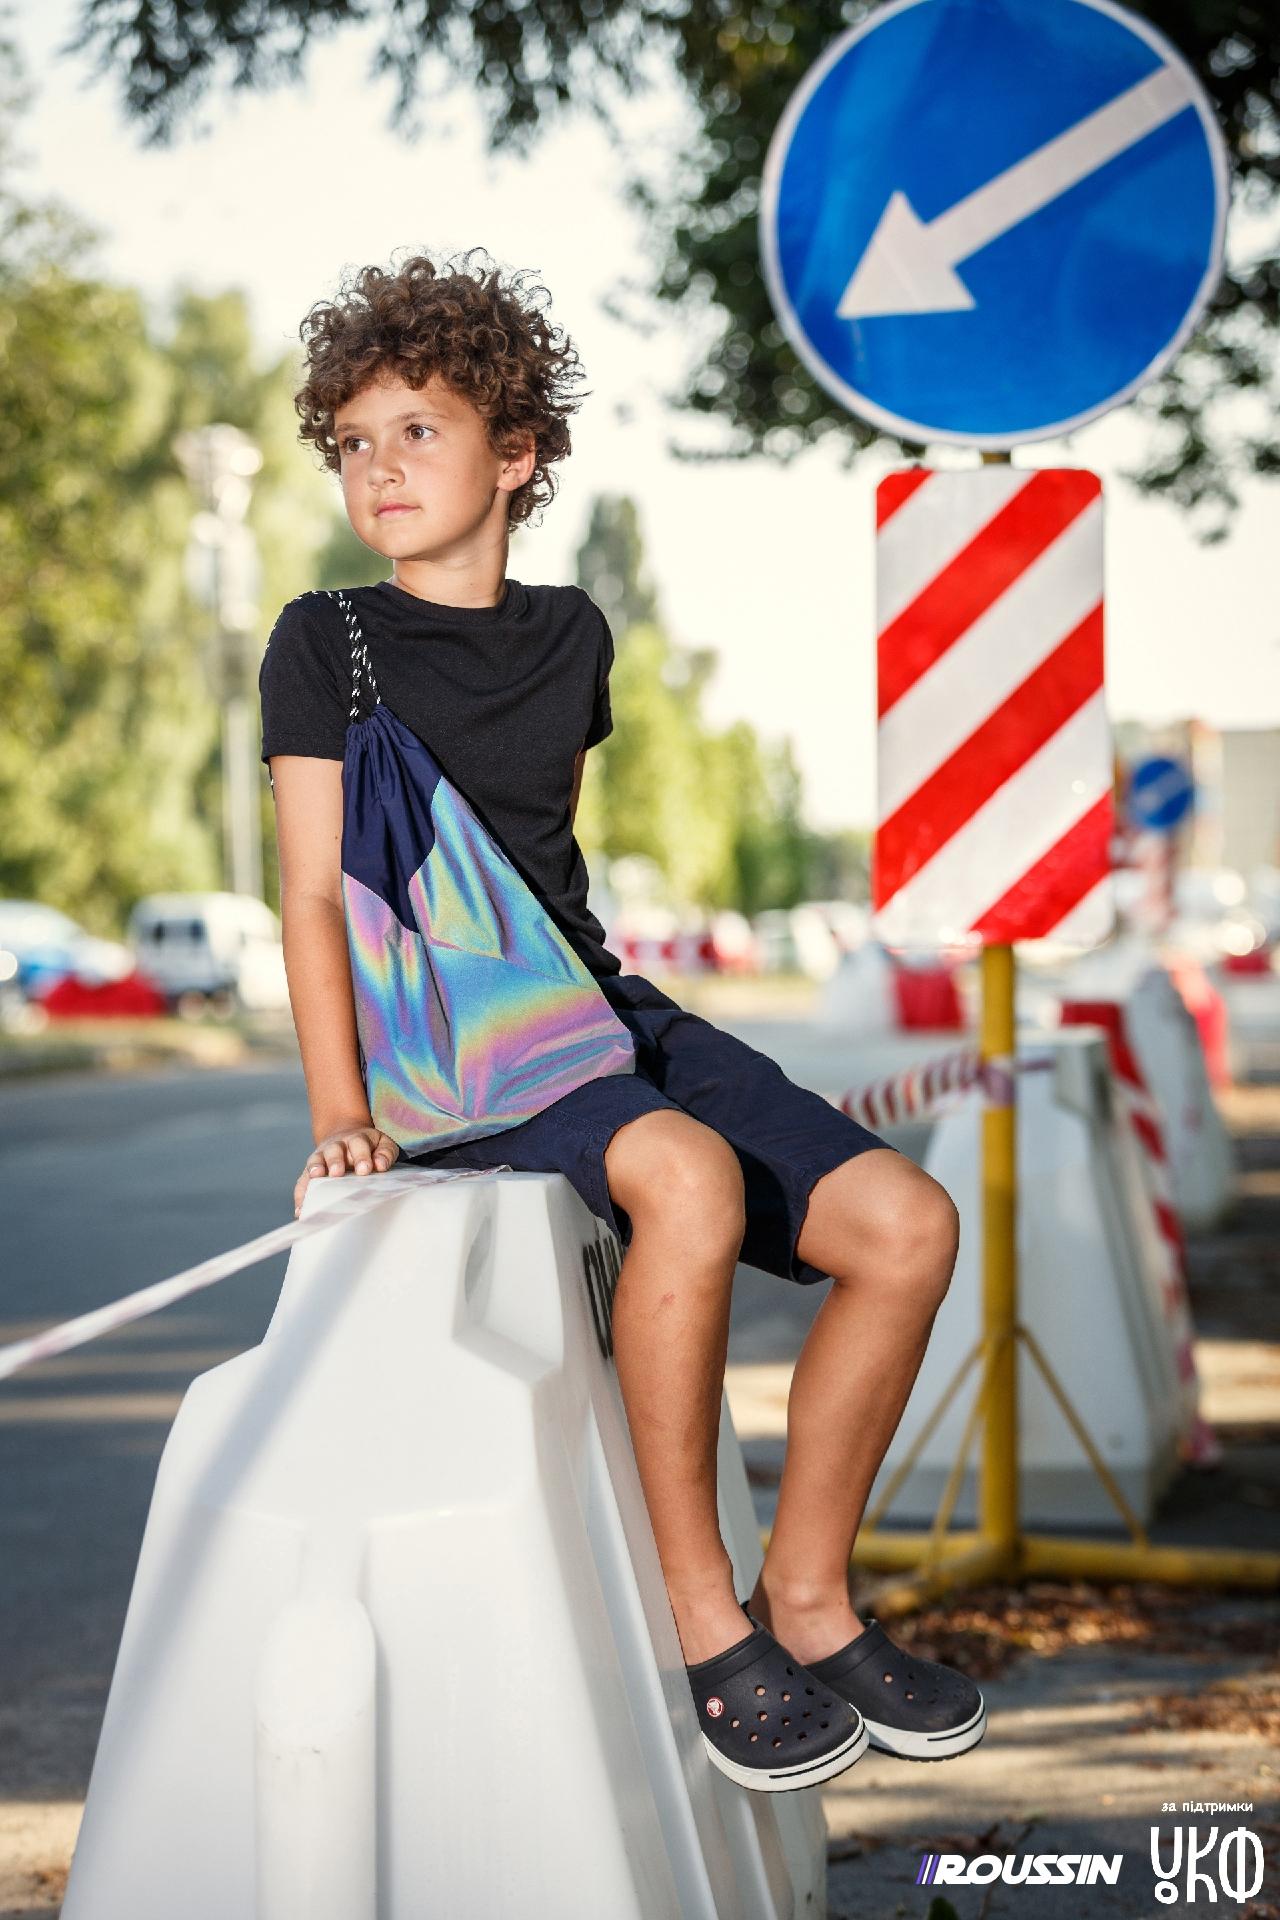 Ответственная мода: проект украинского бренда ROUSSIN продолжает уменьшать количество  ДТП с участием пешеходов - фото №1